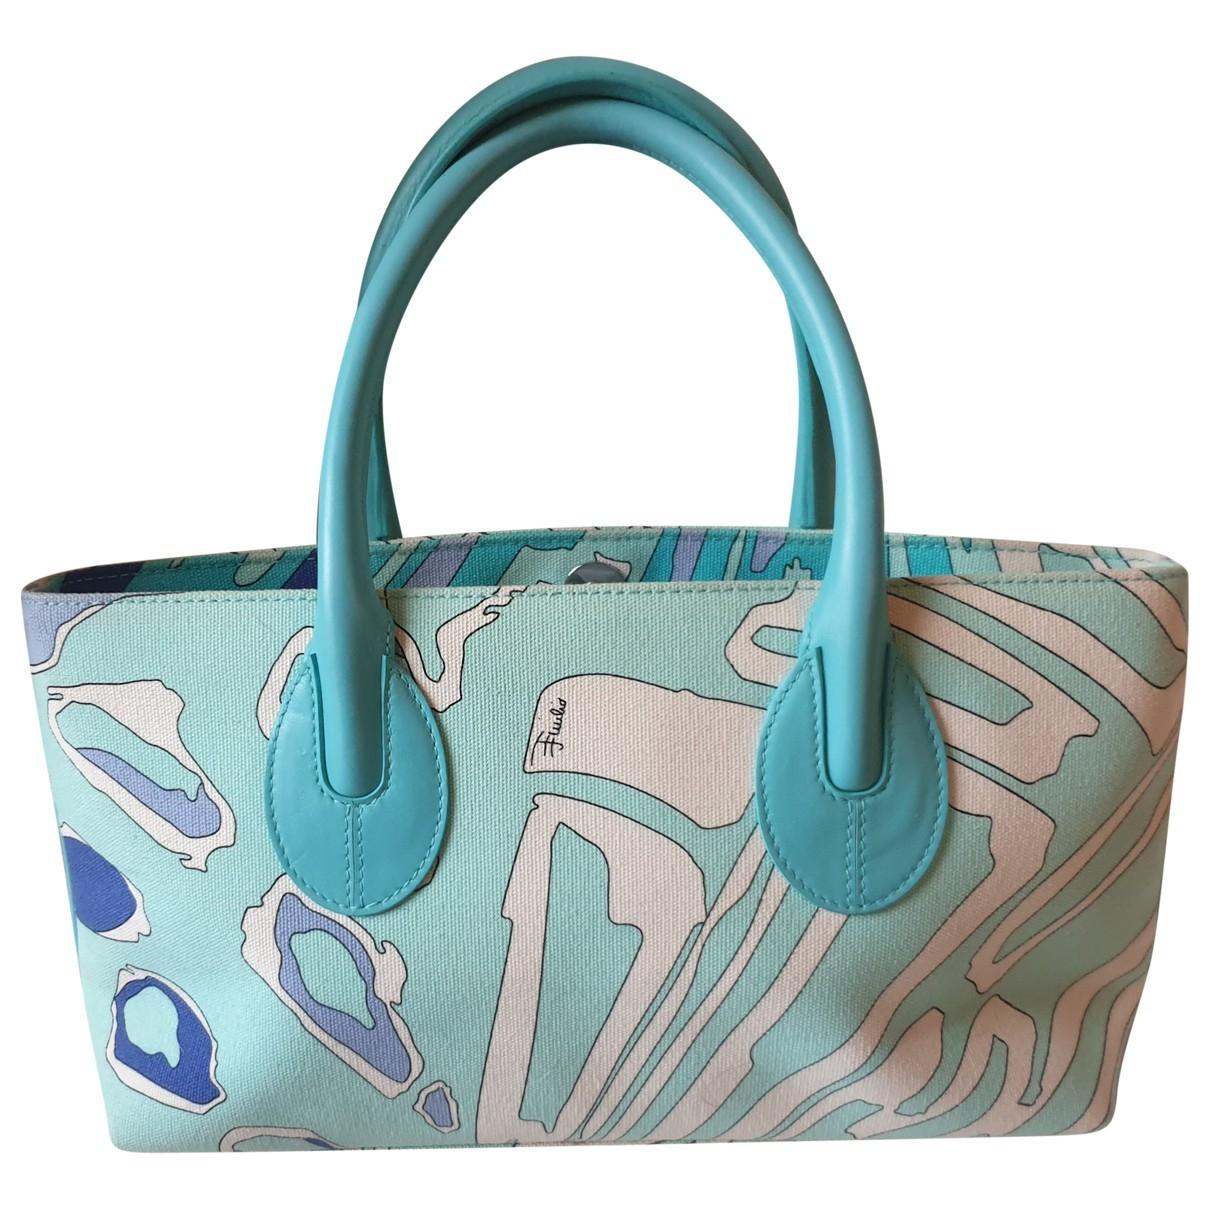 Emilio Pucci N Blue Cloth handbag for Women N